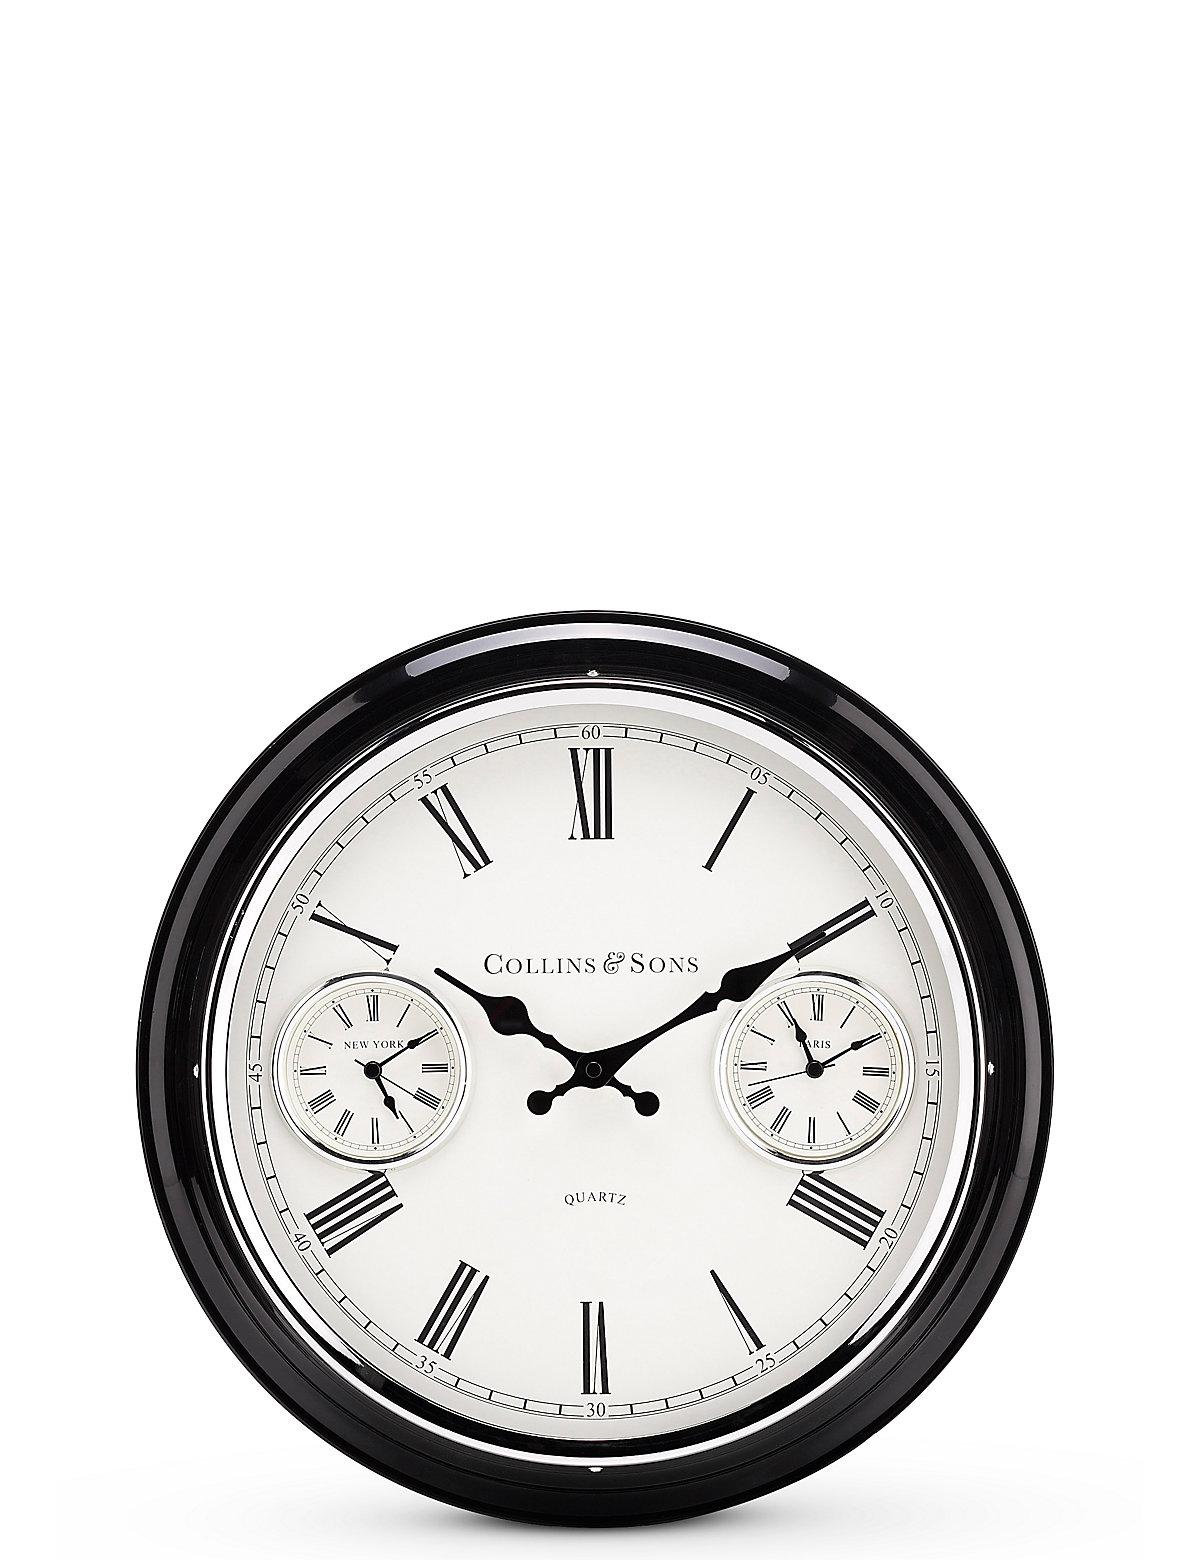 Medium 2 Dial Wall Clock